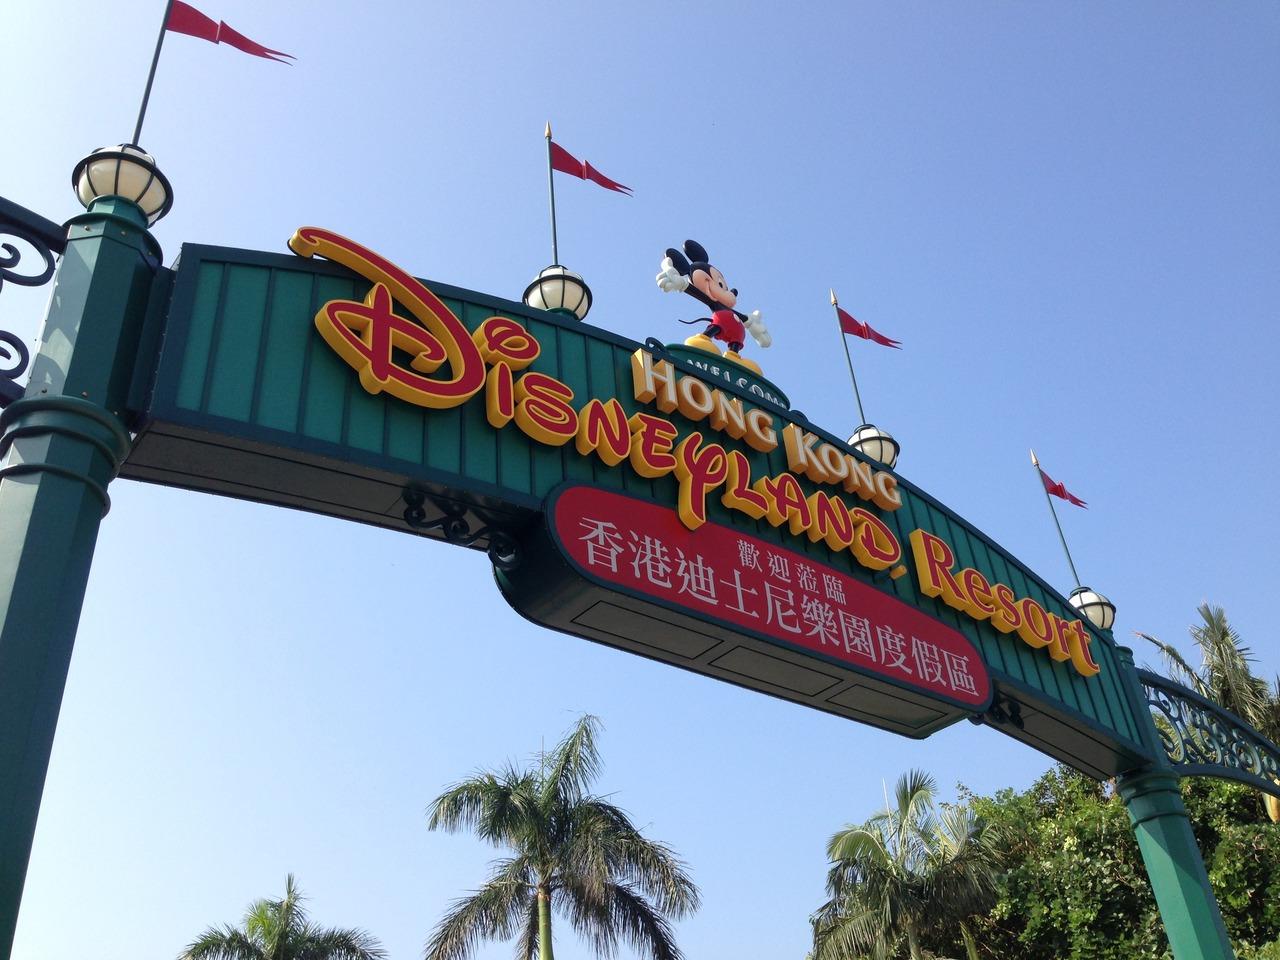 香港&ディズニーランド(1日目)』香港の旅行記・ブログ by 山pさん